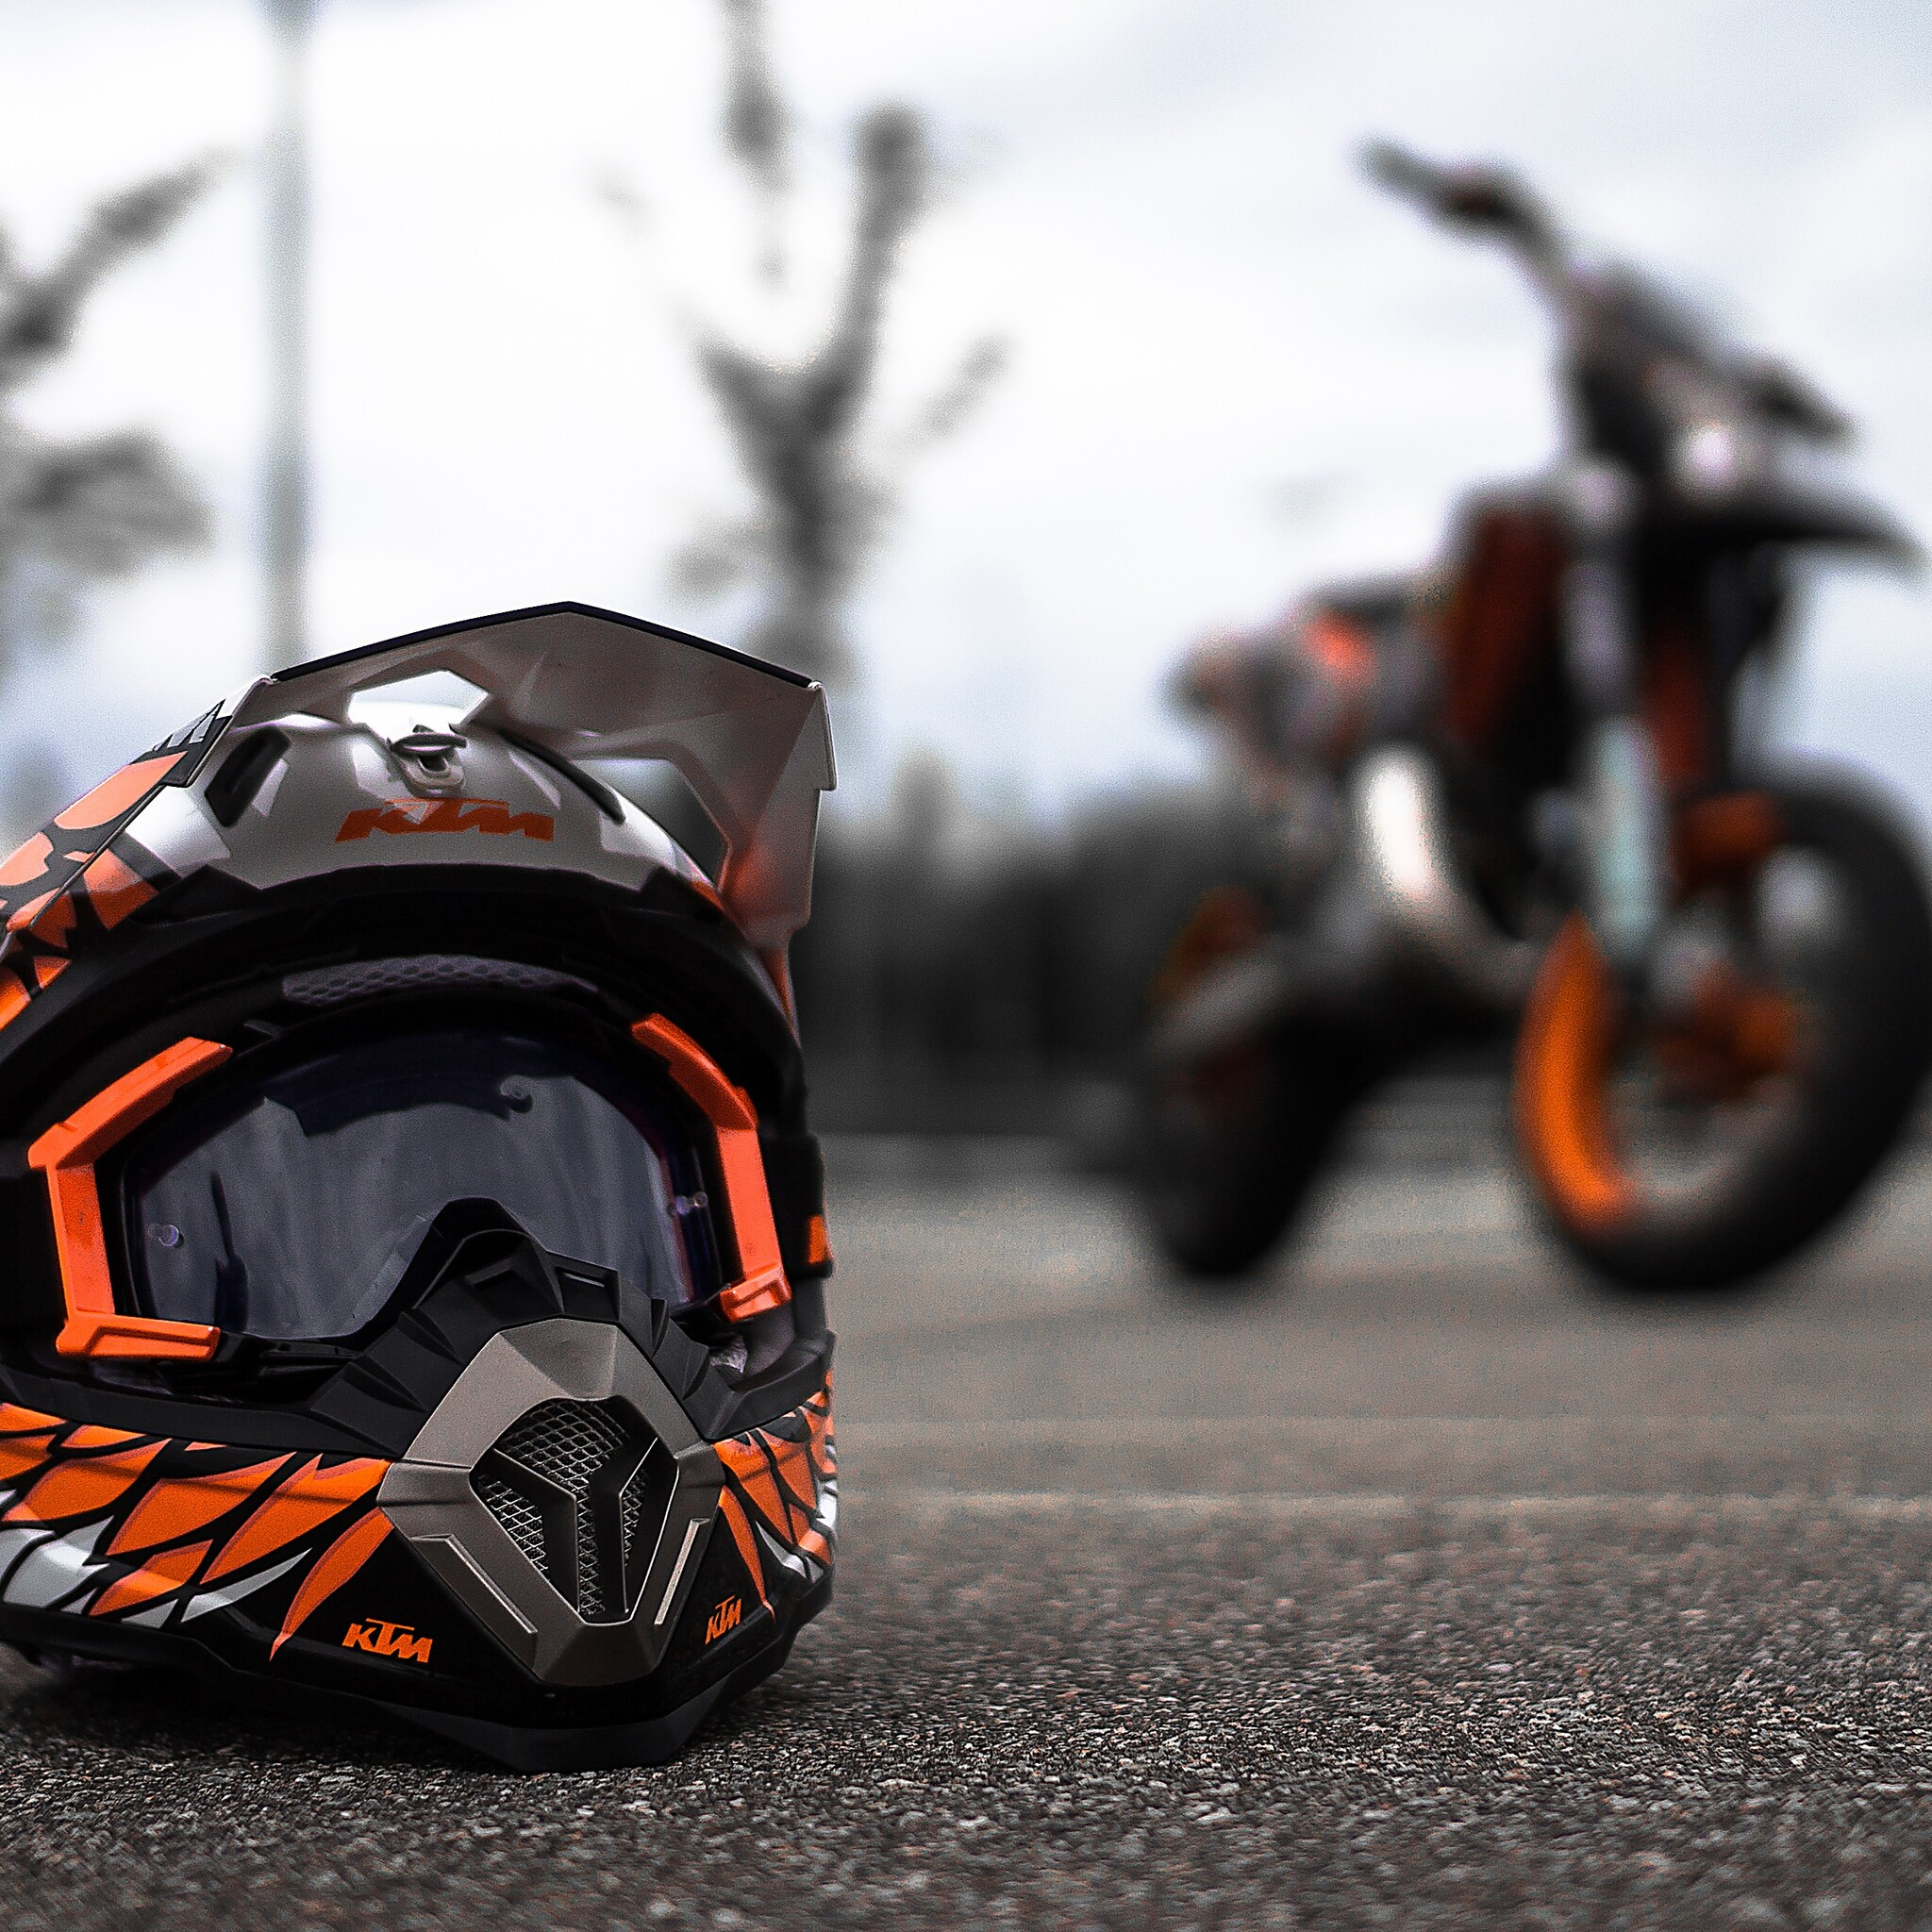 2048x2048 KTM Helmet Ipad Air HD 4k Wallpapers, Images